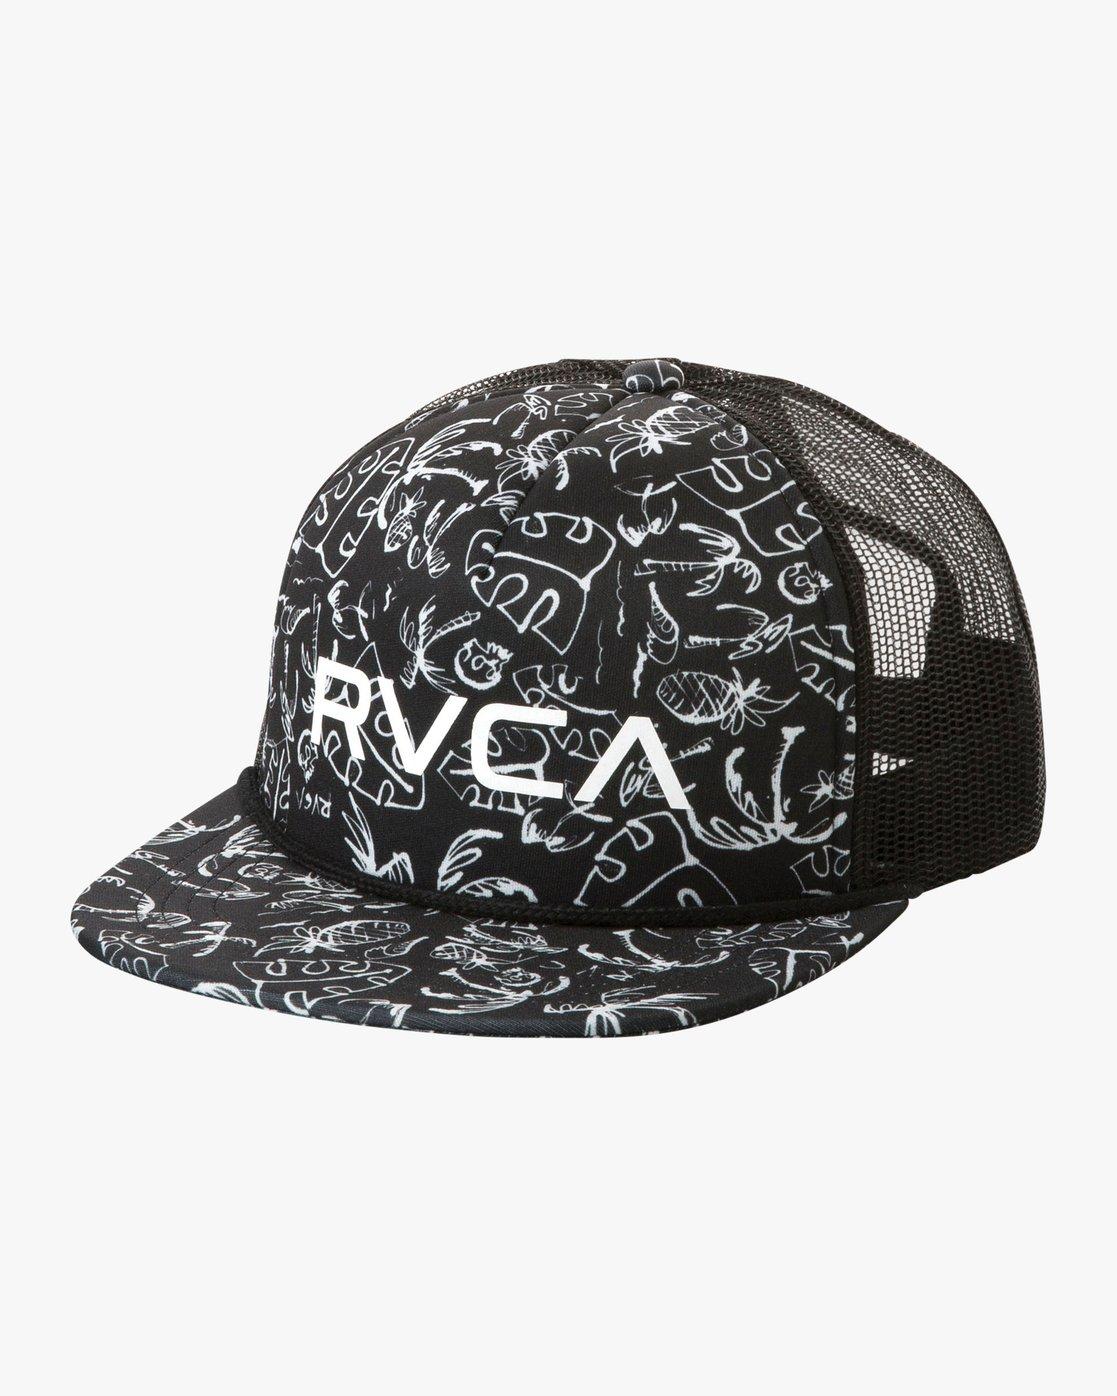 7d5f69288ceb22 0 RVCA Foamy Trucker Hat Black MGAHWRFT RVCA